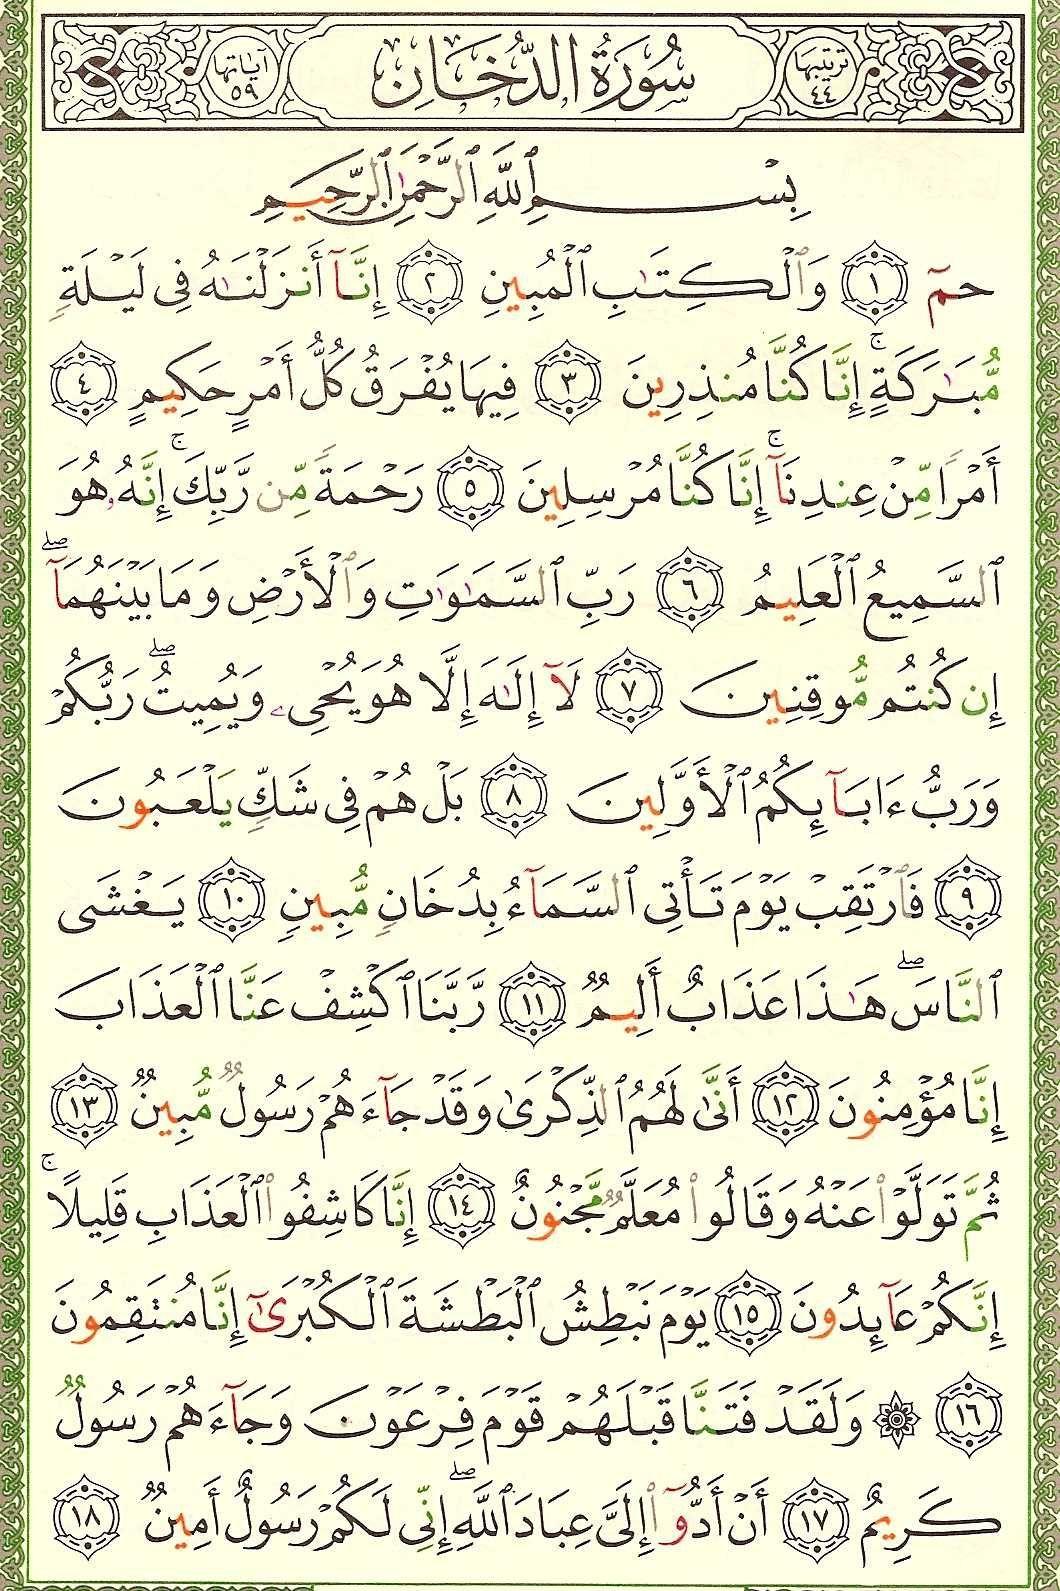 Read Quran In Uthmani Script Online Quran Verses Quran Quran Text